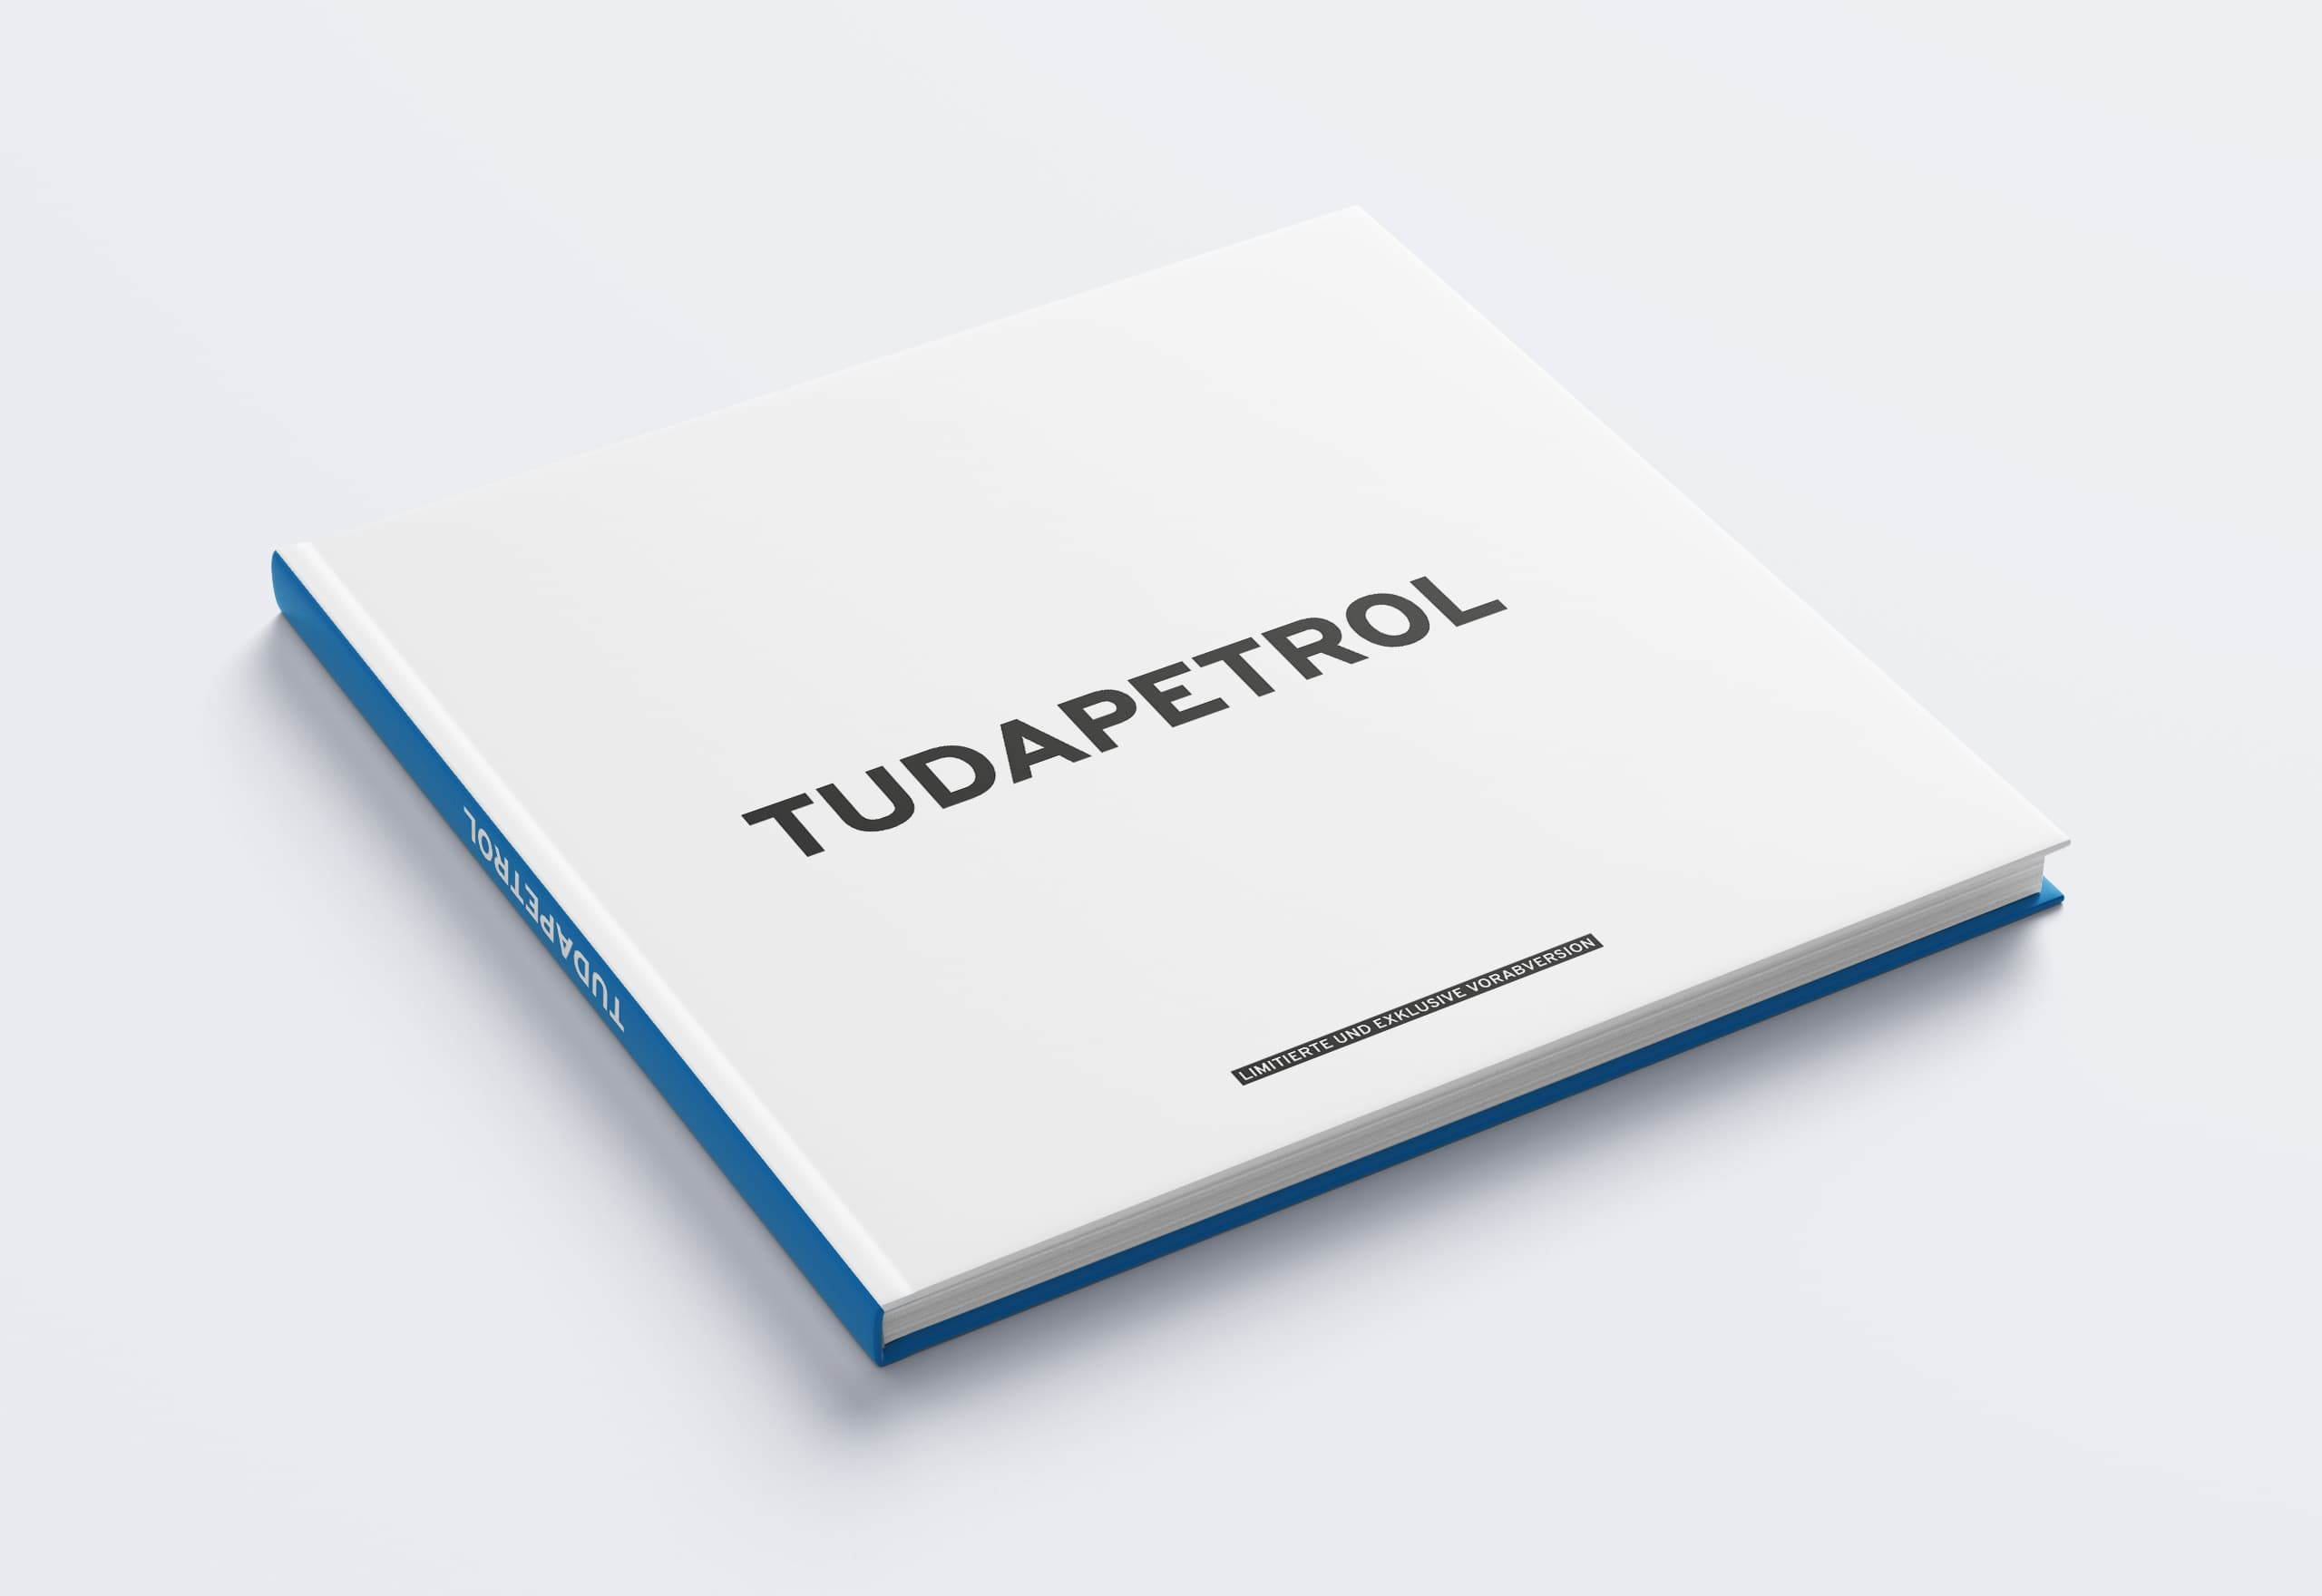 Buchdesign Tudapetrol